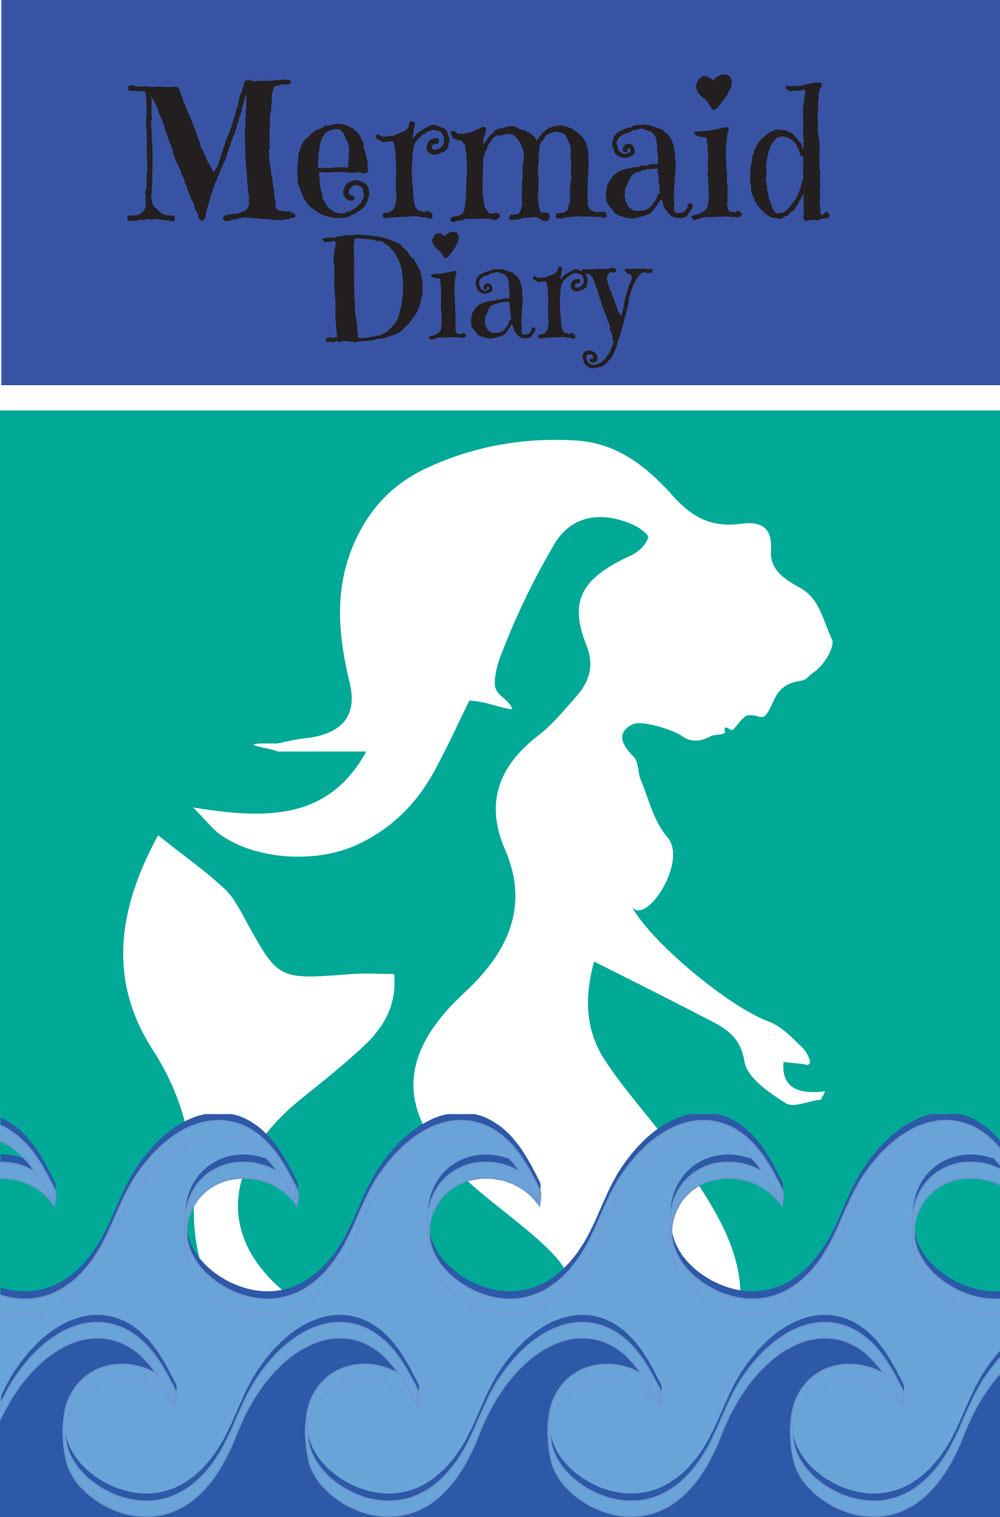 Mermaid Diary: Journal, Sketchbook or Notebook